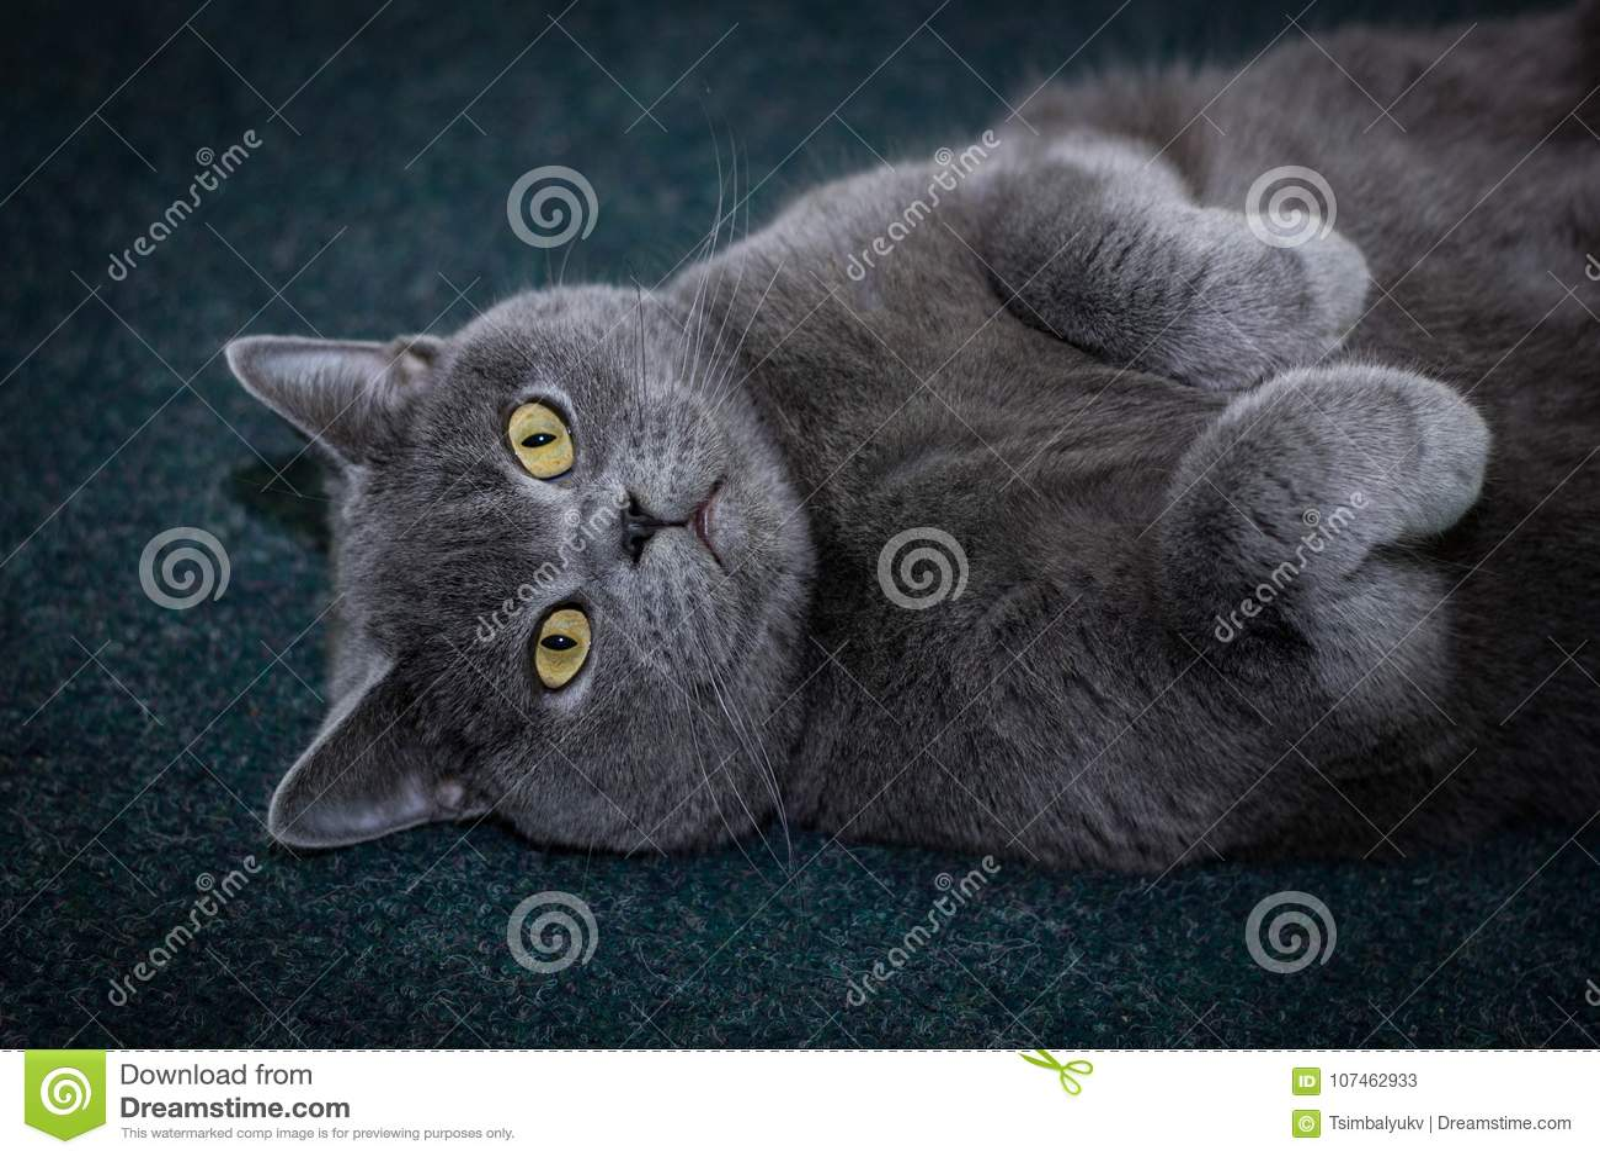 Die Katze ist auf dem hinteren Grau fett